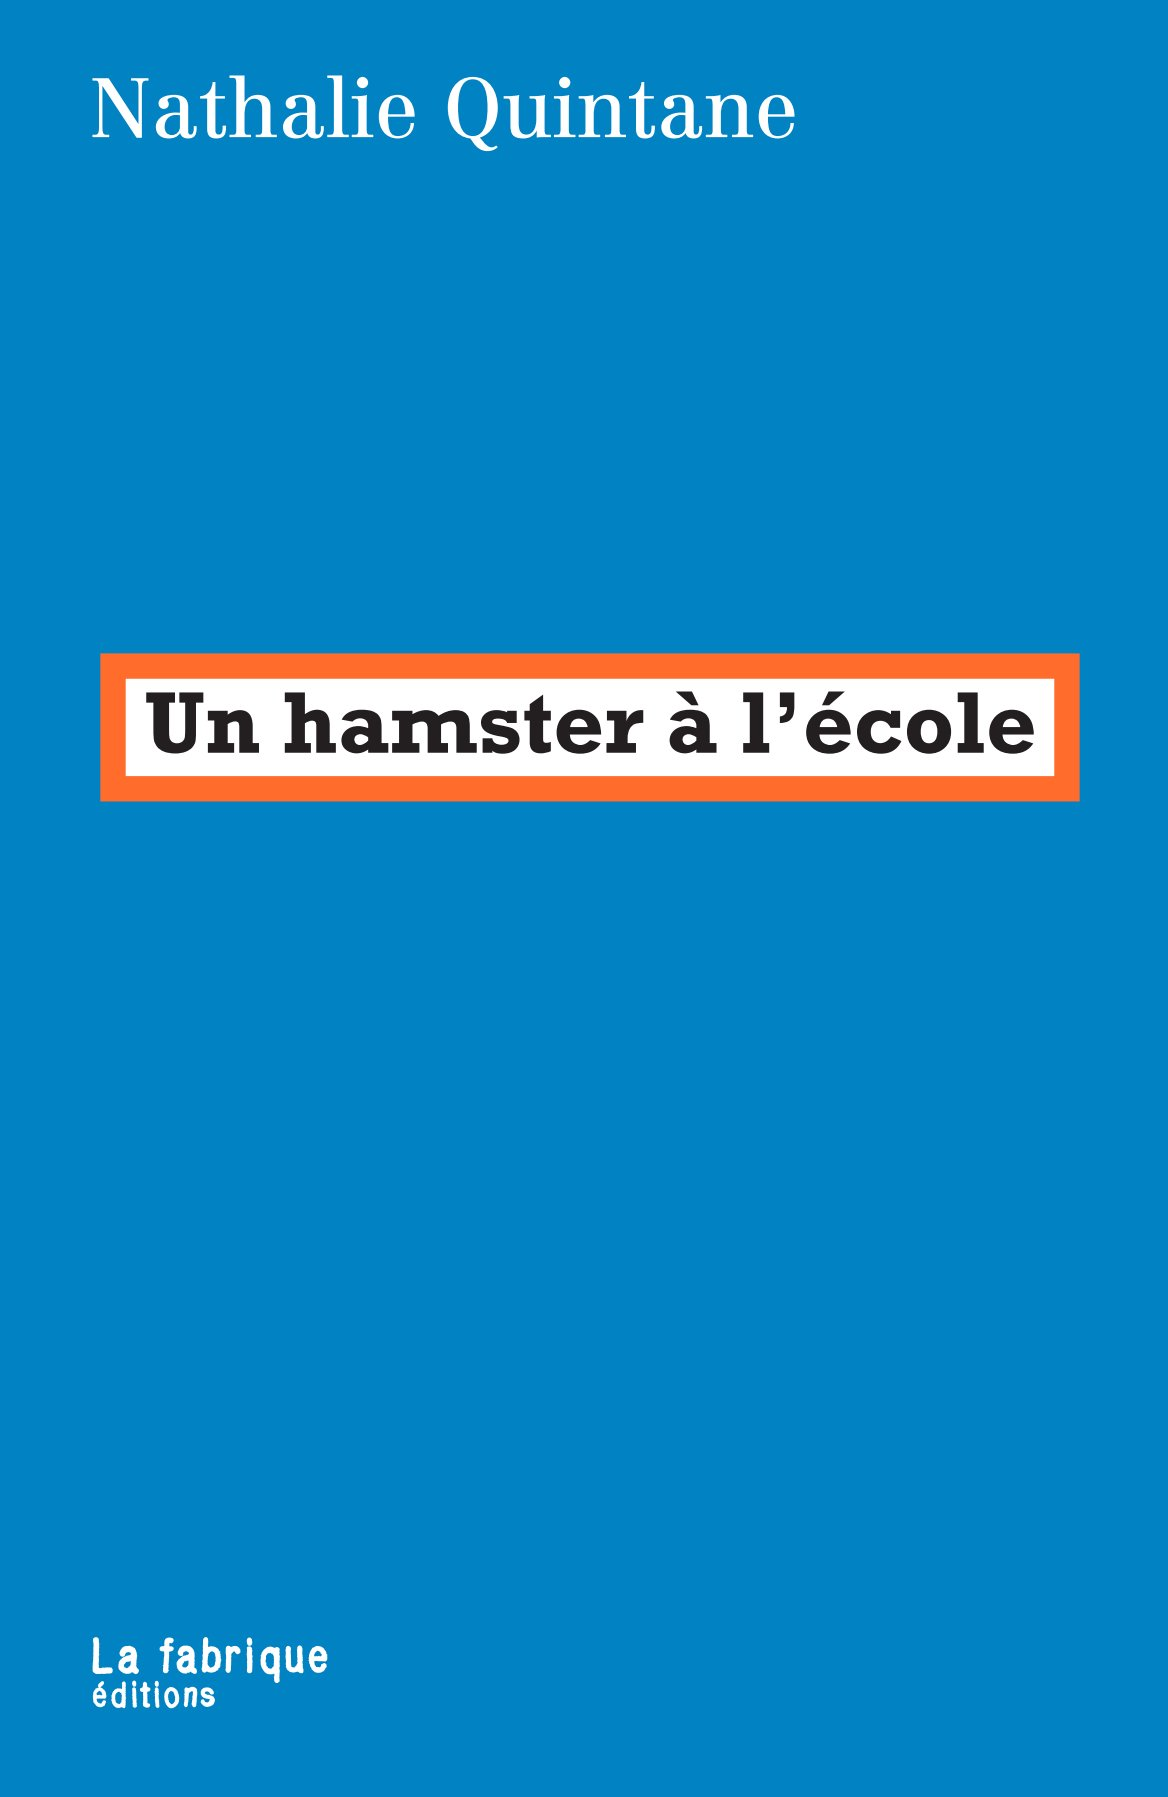 N. Quintane, Un hamster à l'école